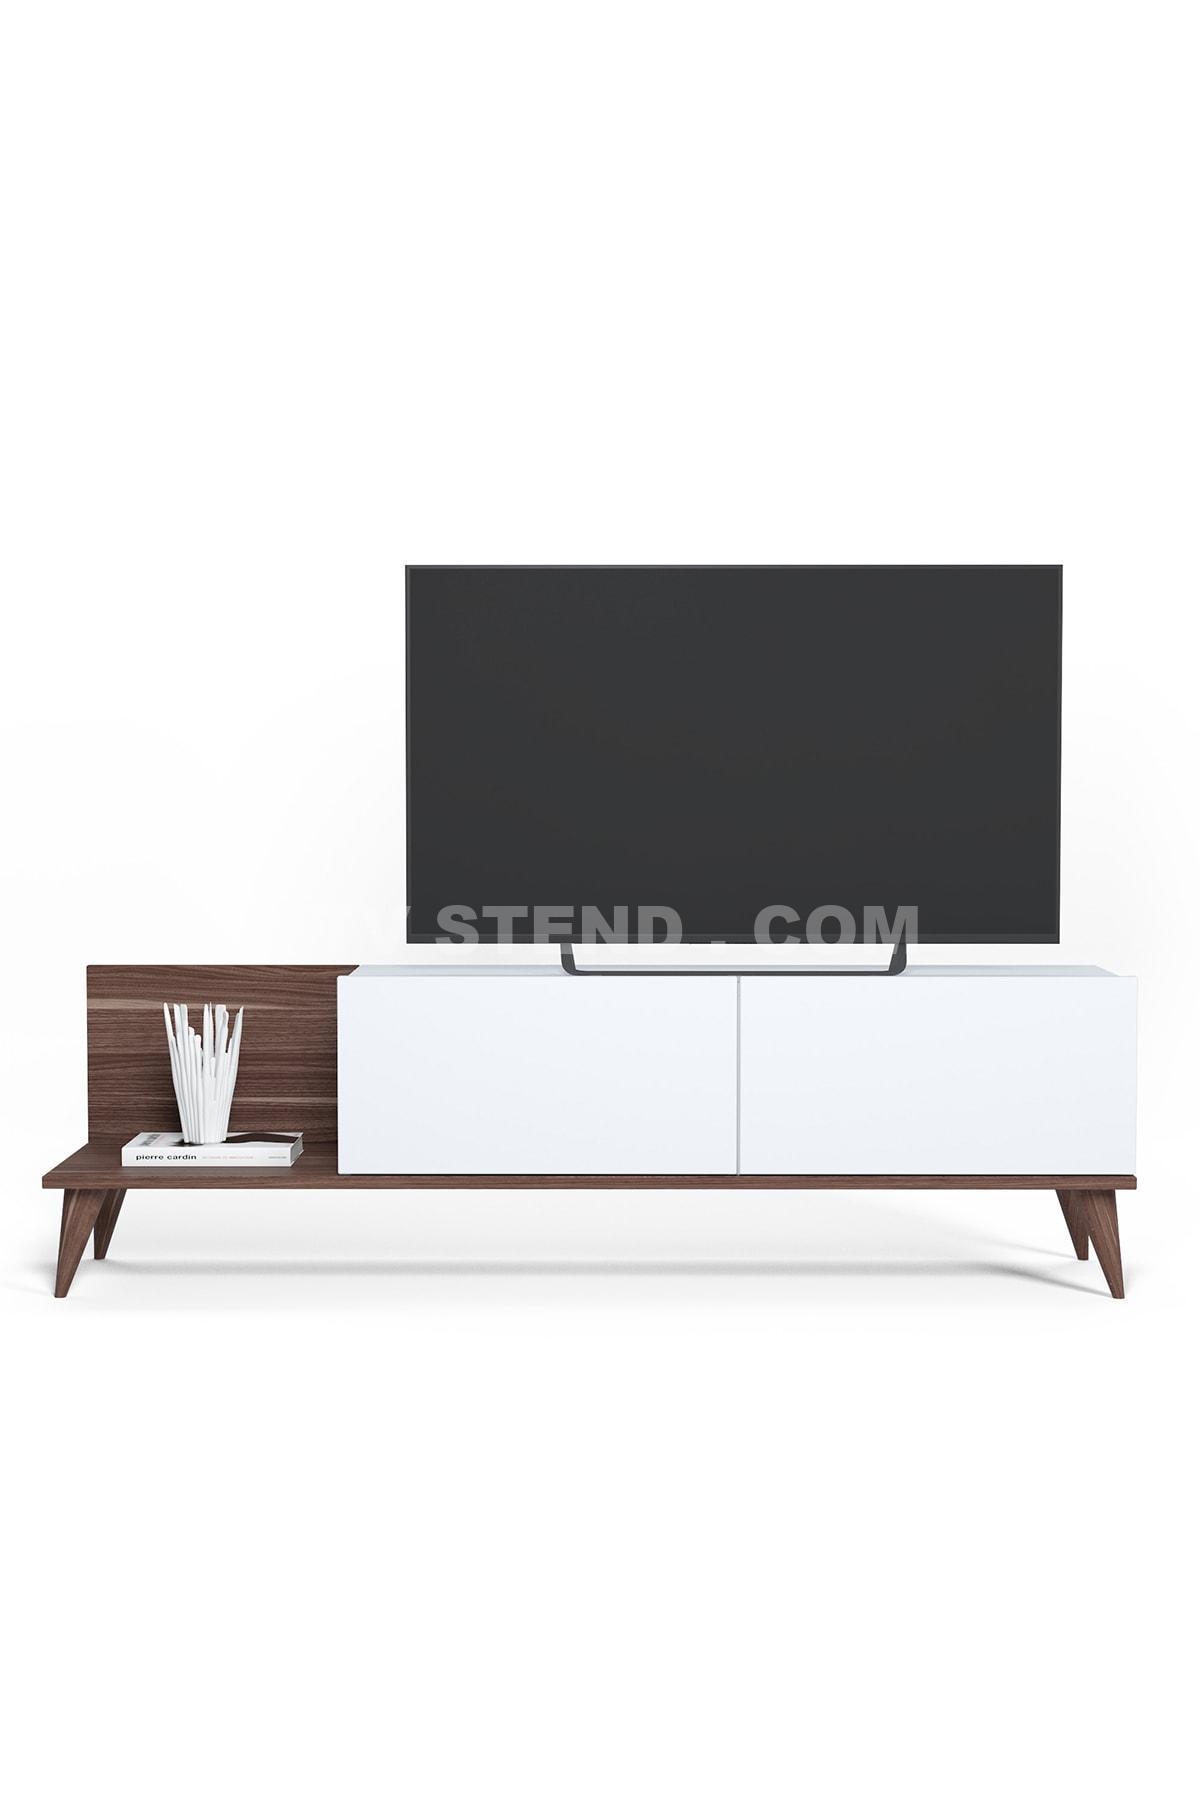 Ruum tv stend